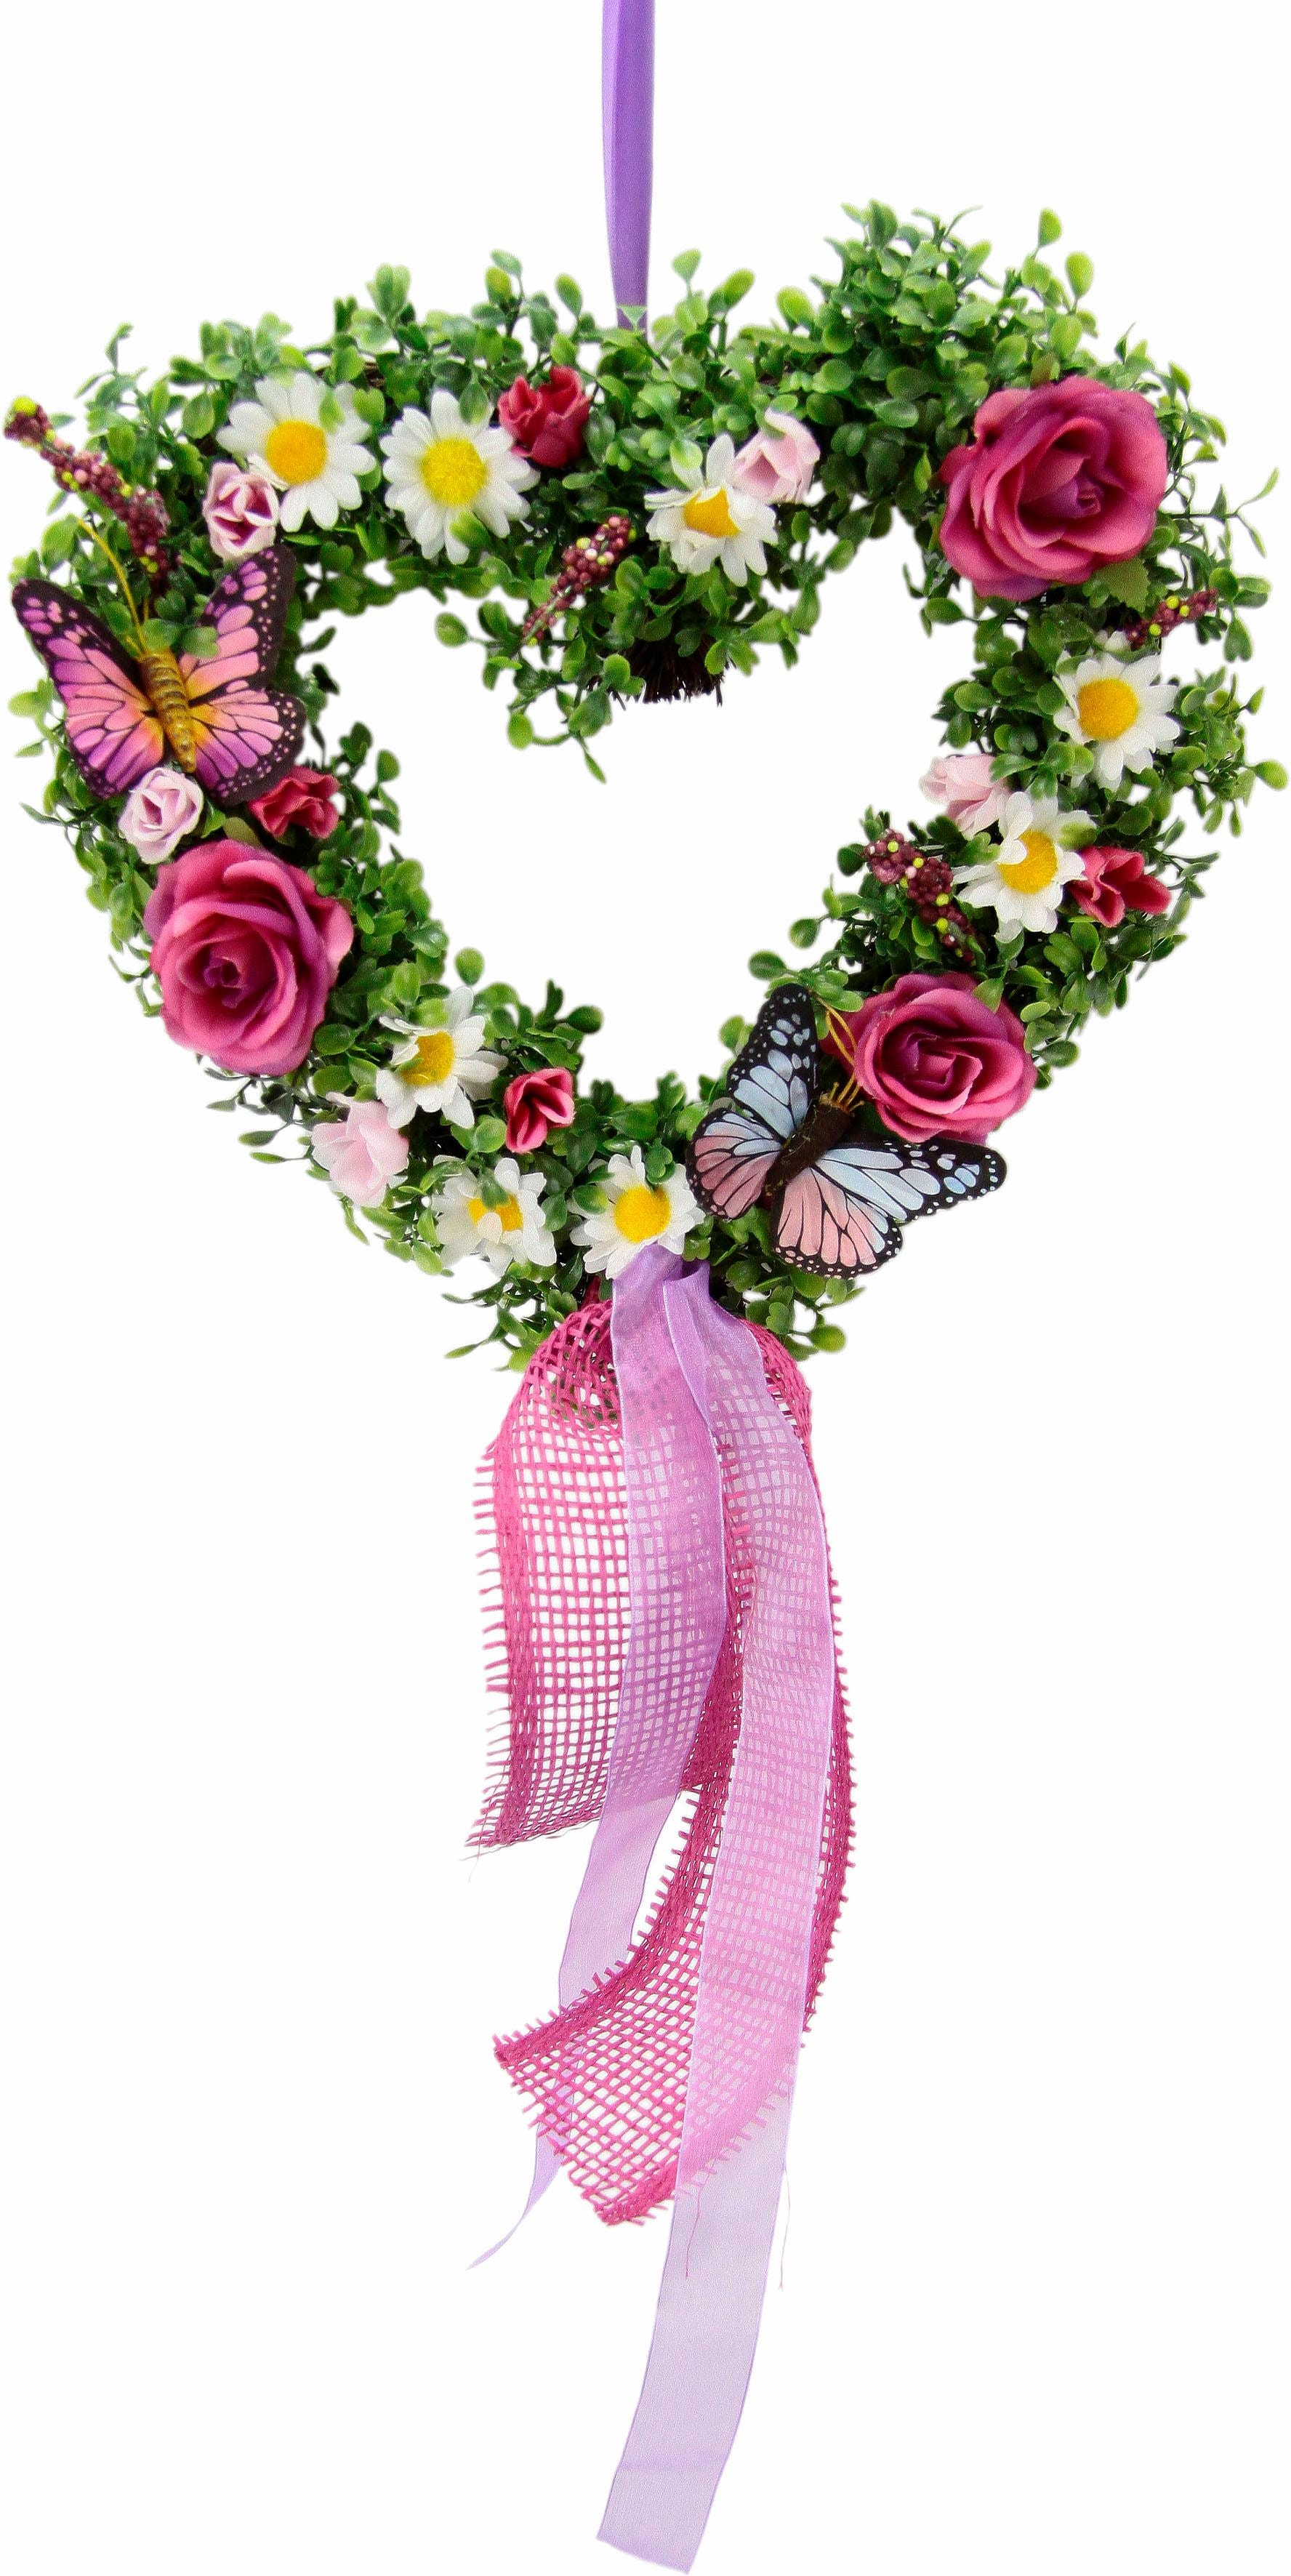 Kunstpflanze Rattan-Herz Buchs/Ranunkel 31 cm (1 Stück) rosa Kunstpflanzen Pflanzen Garten Balkon